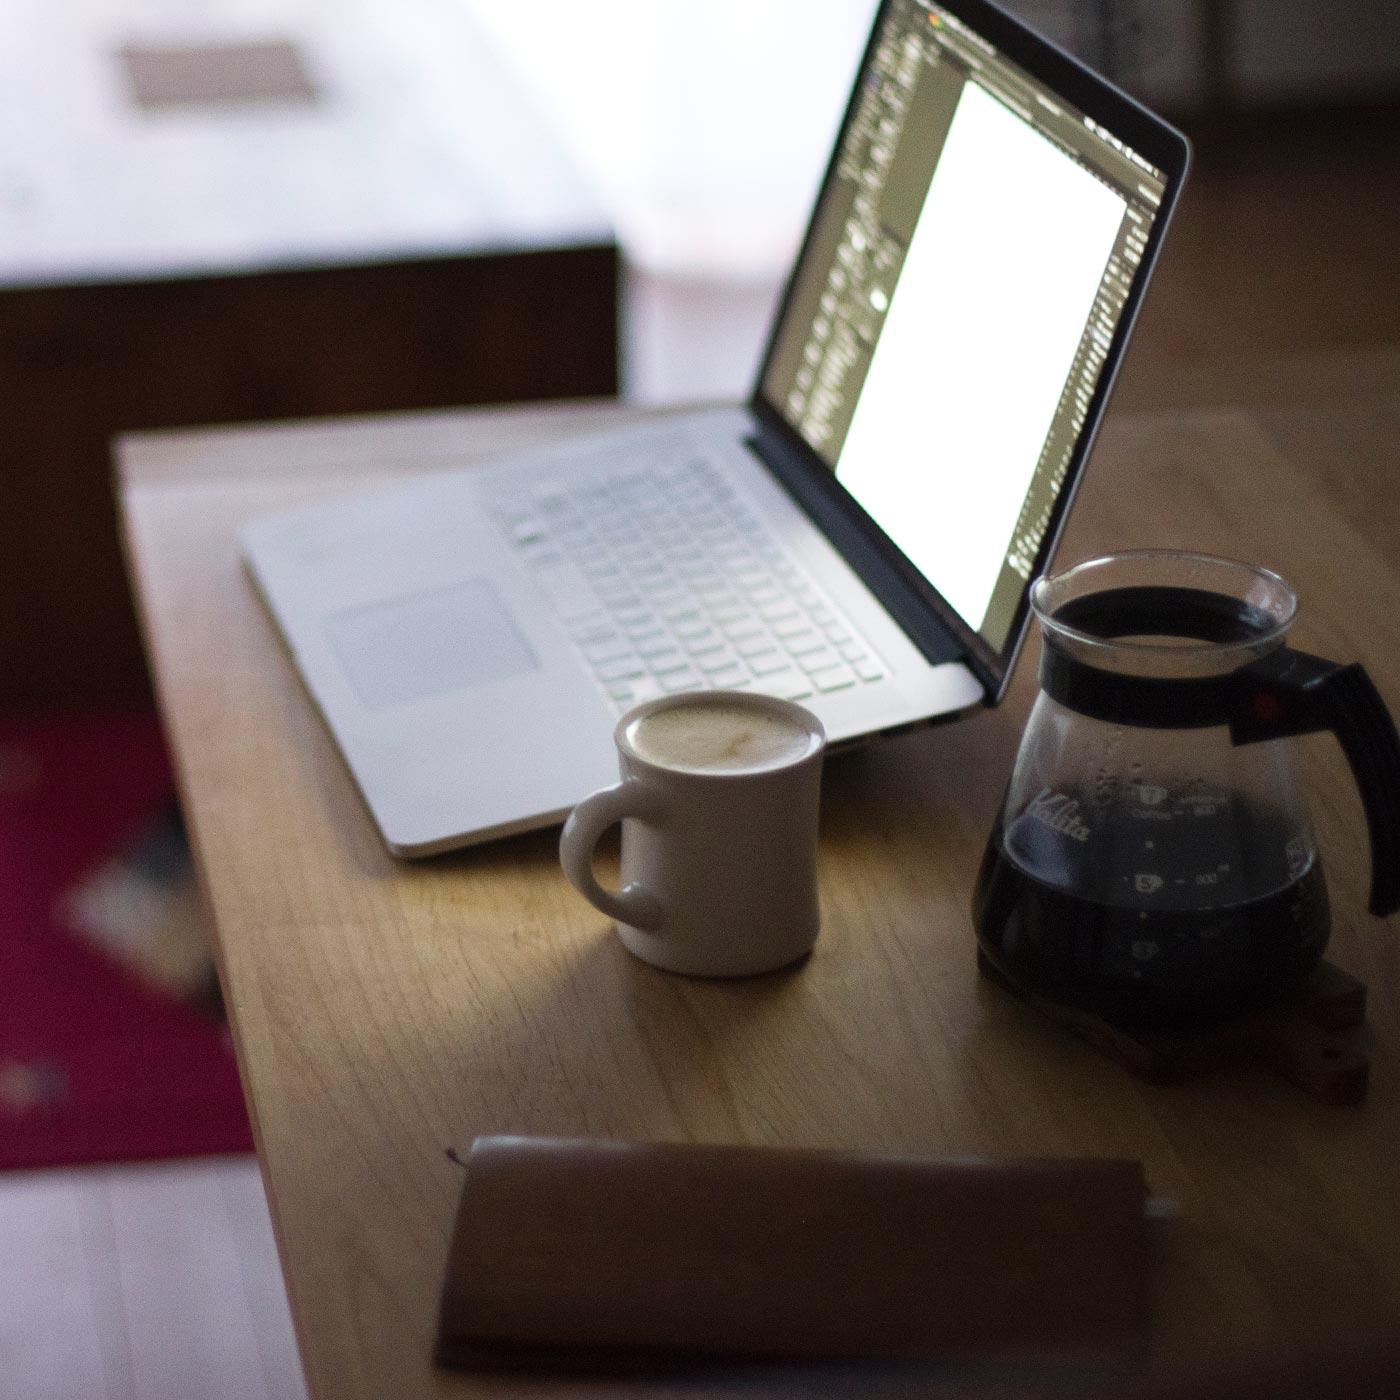 飲みすぎはダメ!コーヒー好きの僕がプチカフェインリセットをしてみた。症状と効果について。